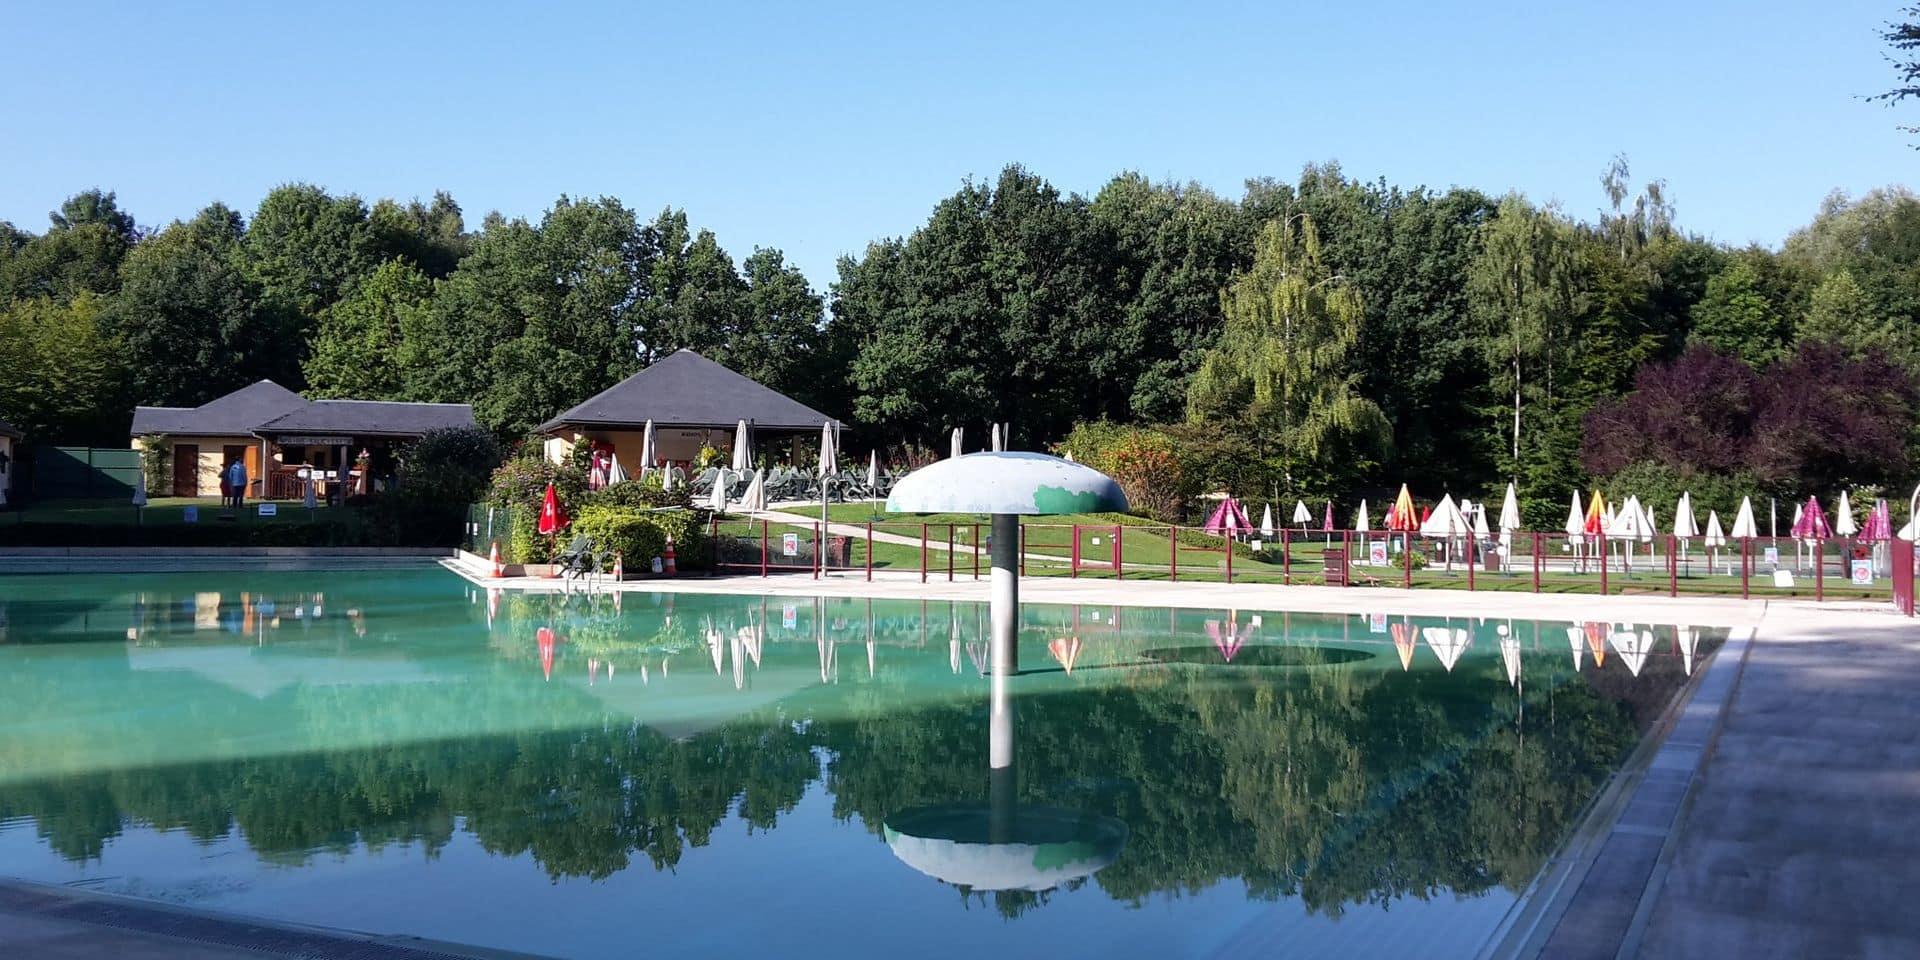 Le projet de rénovation de la piscine du Bois des Rêves tombe à l'eau